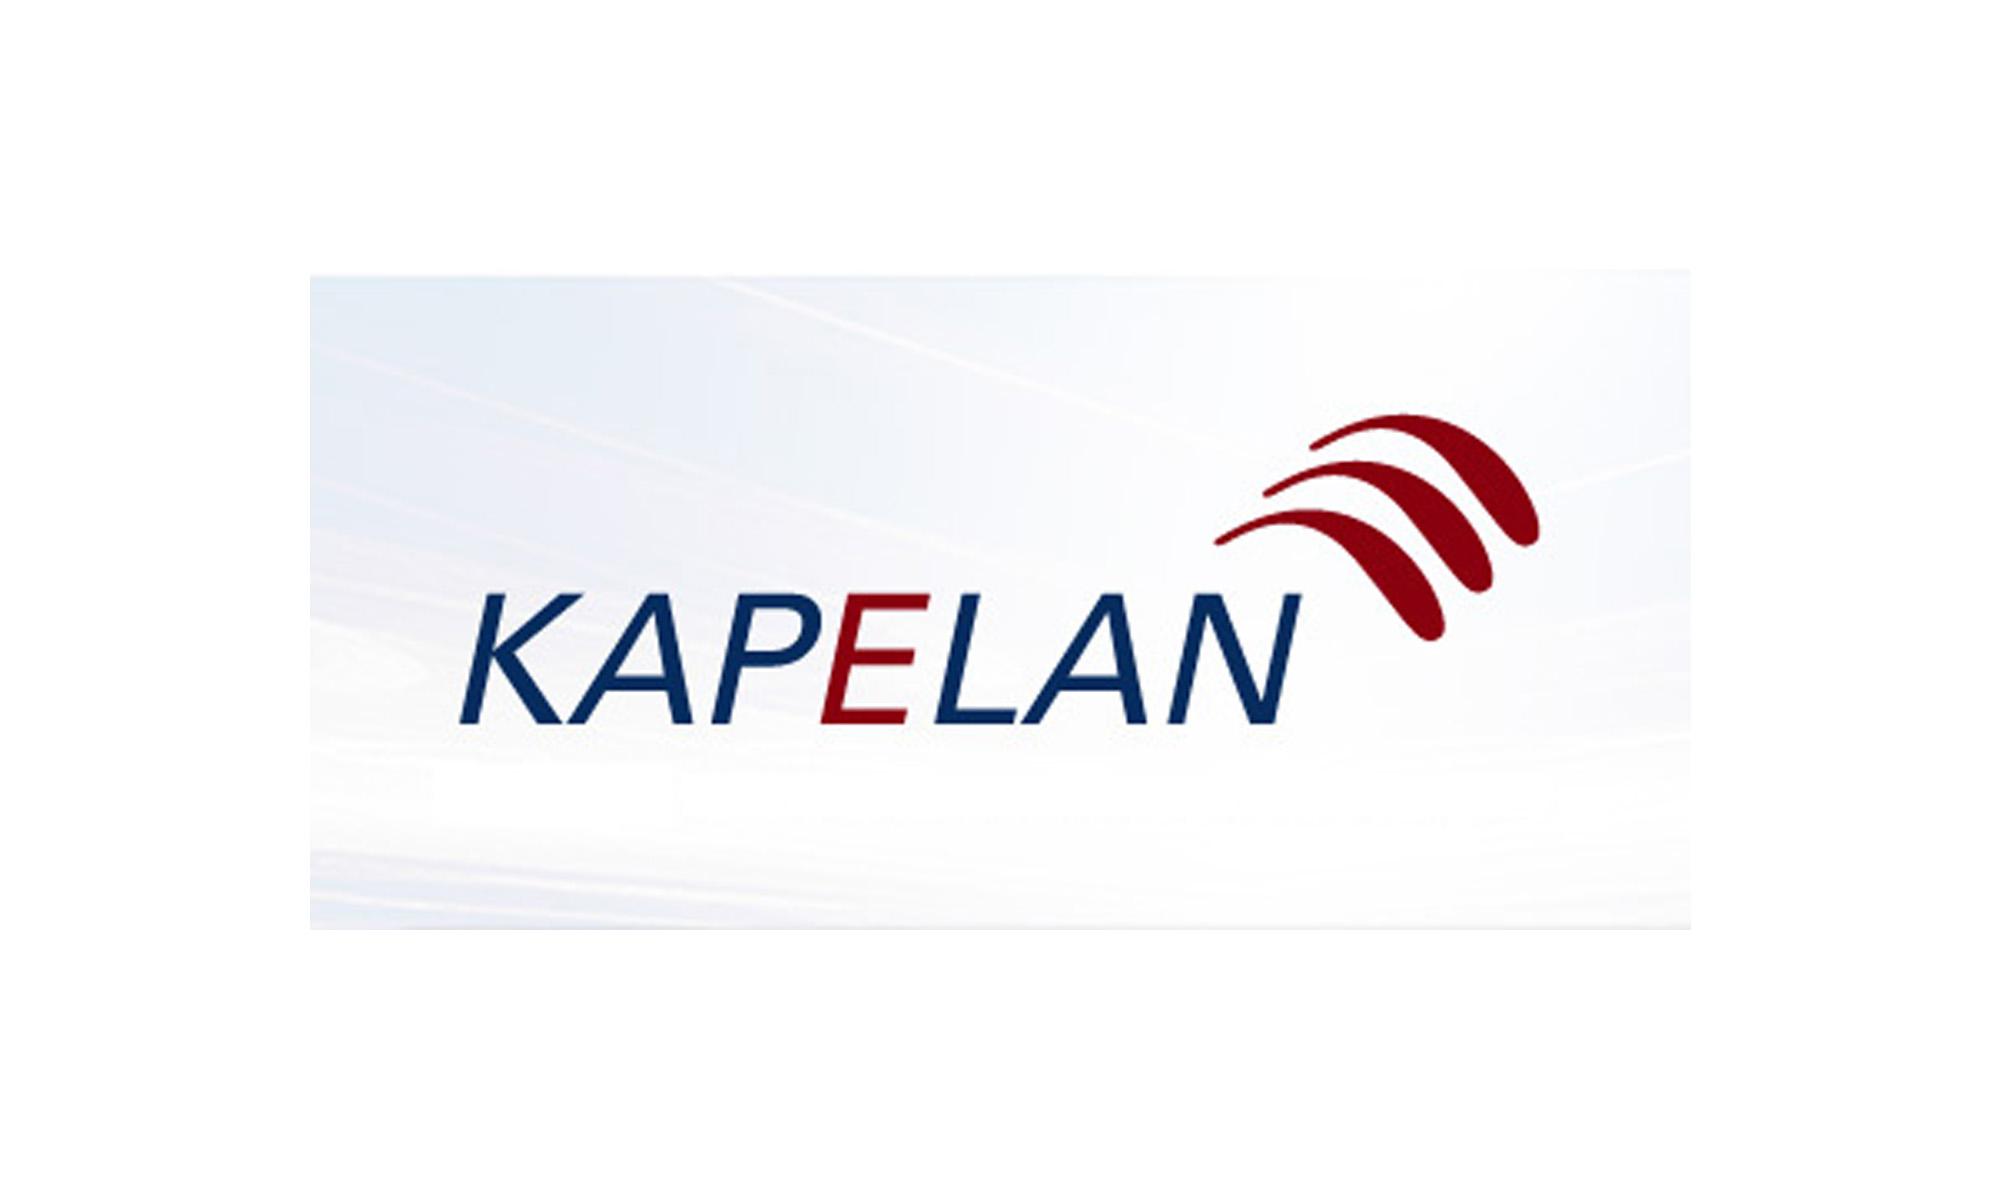 Logo Kapelan Medien GmbH